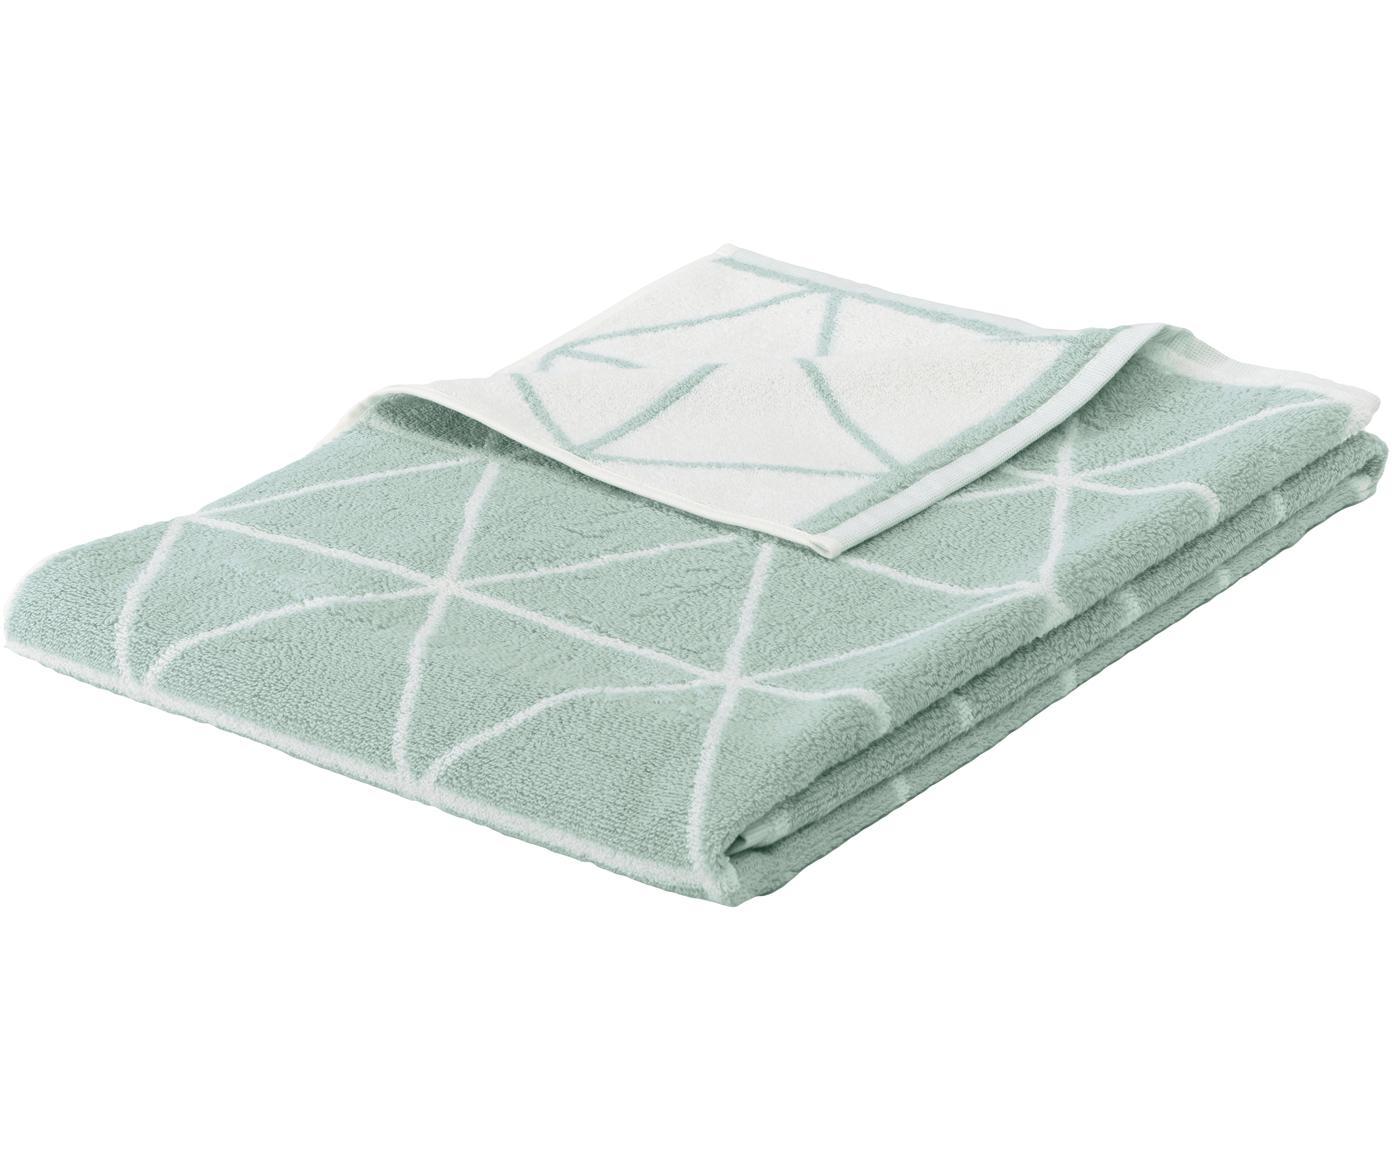 Dubbelzijdige handdoek Elina, 100% katoen, middelzware kwaliteit, 550 g/m², Mintgroen, crèmewit, Handdoek